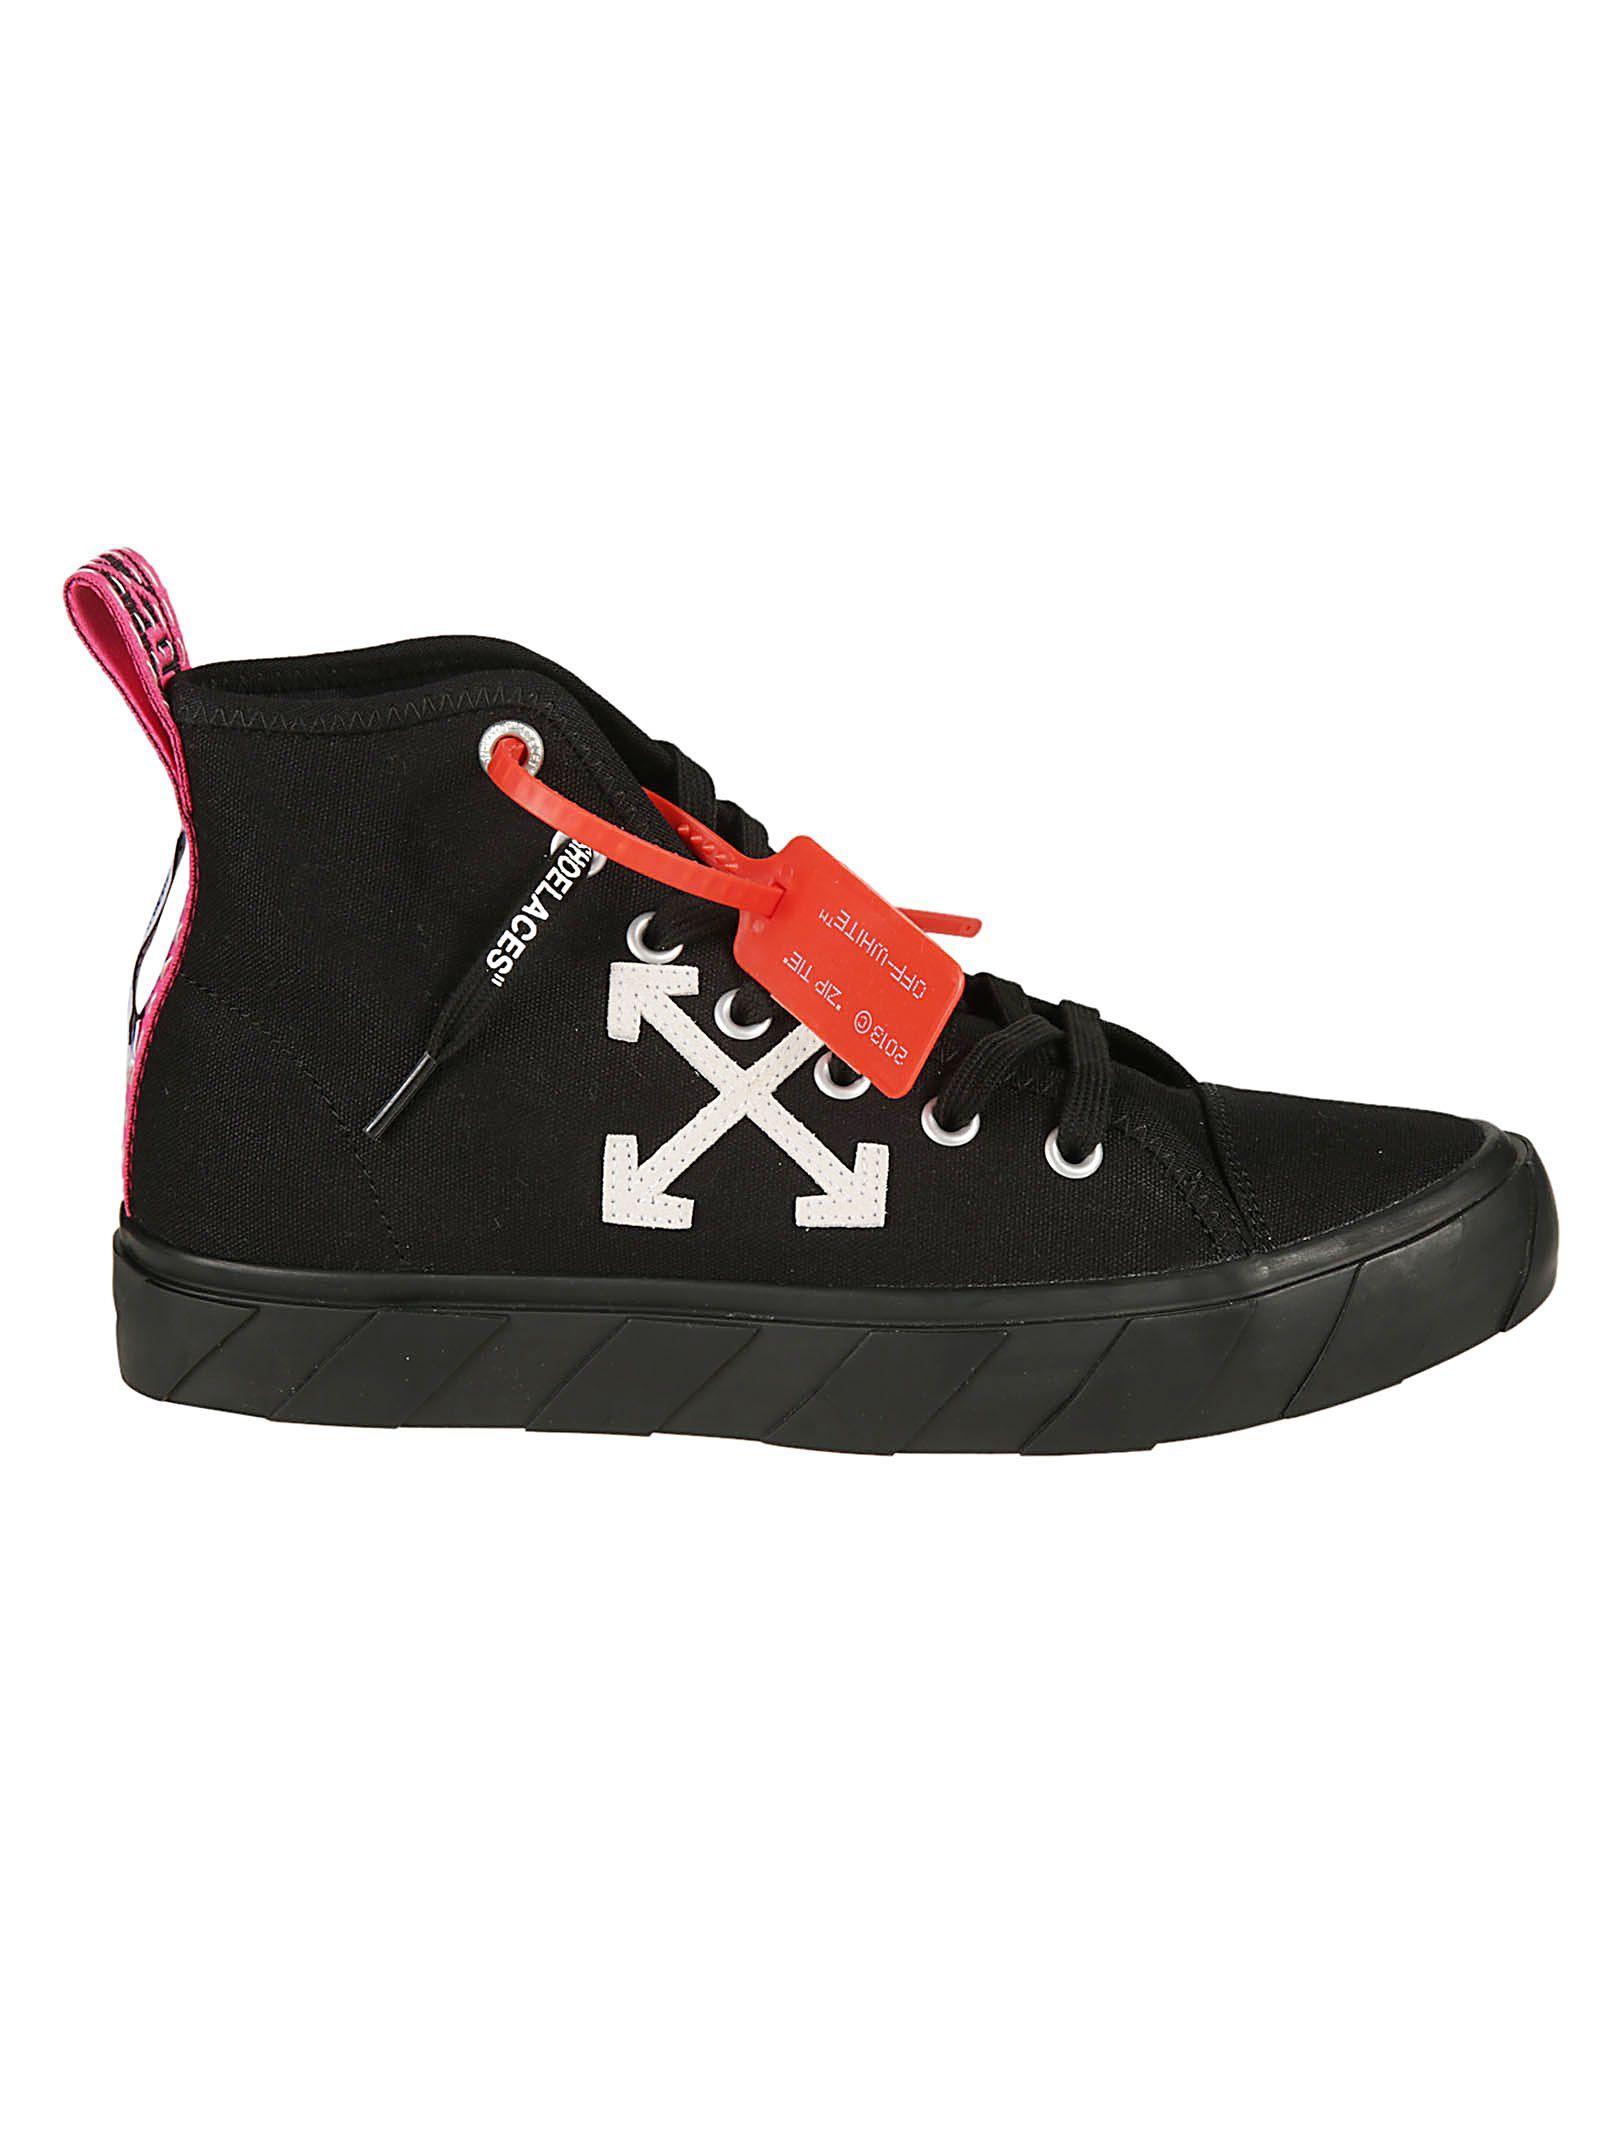 Sneakers, Sneakers black, Neon pink heels